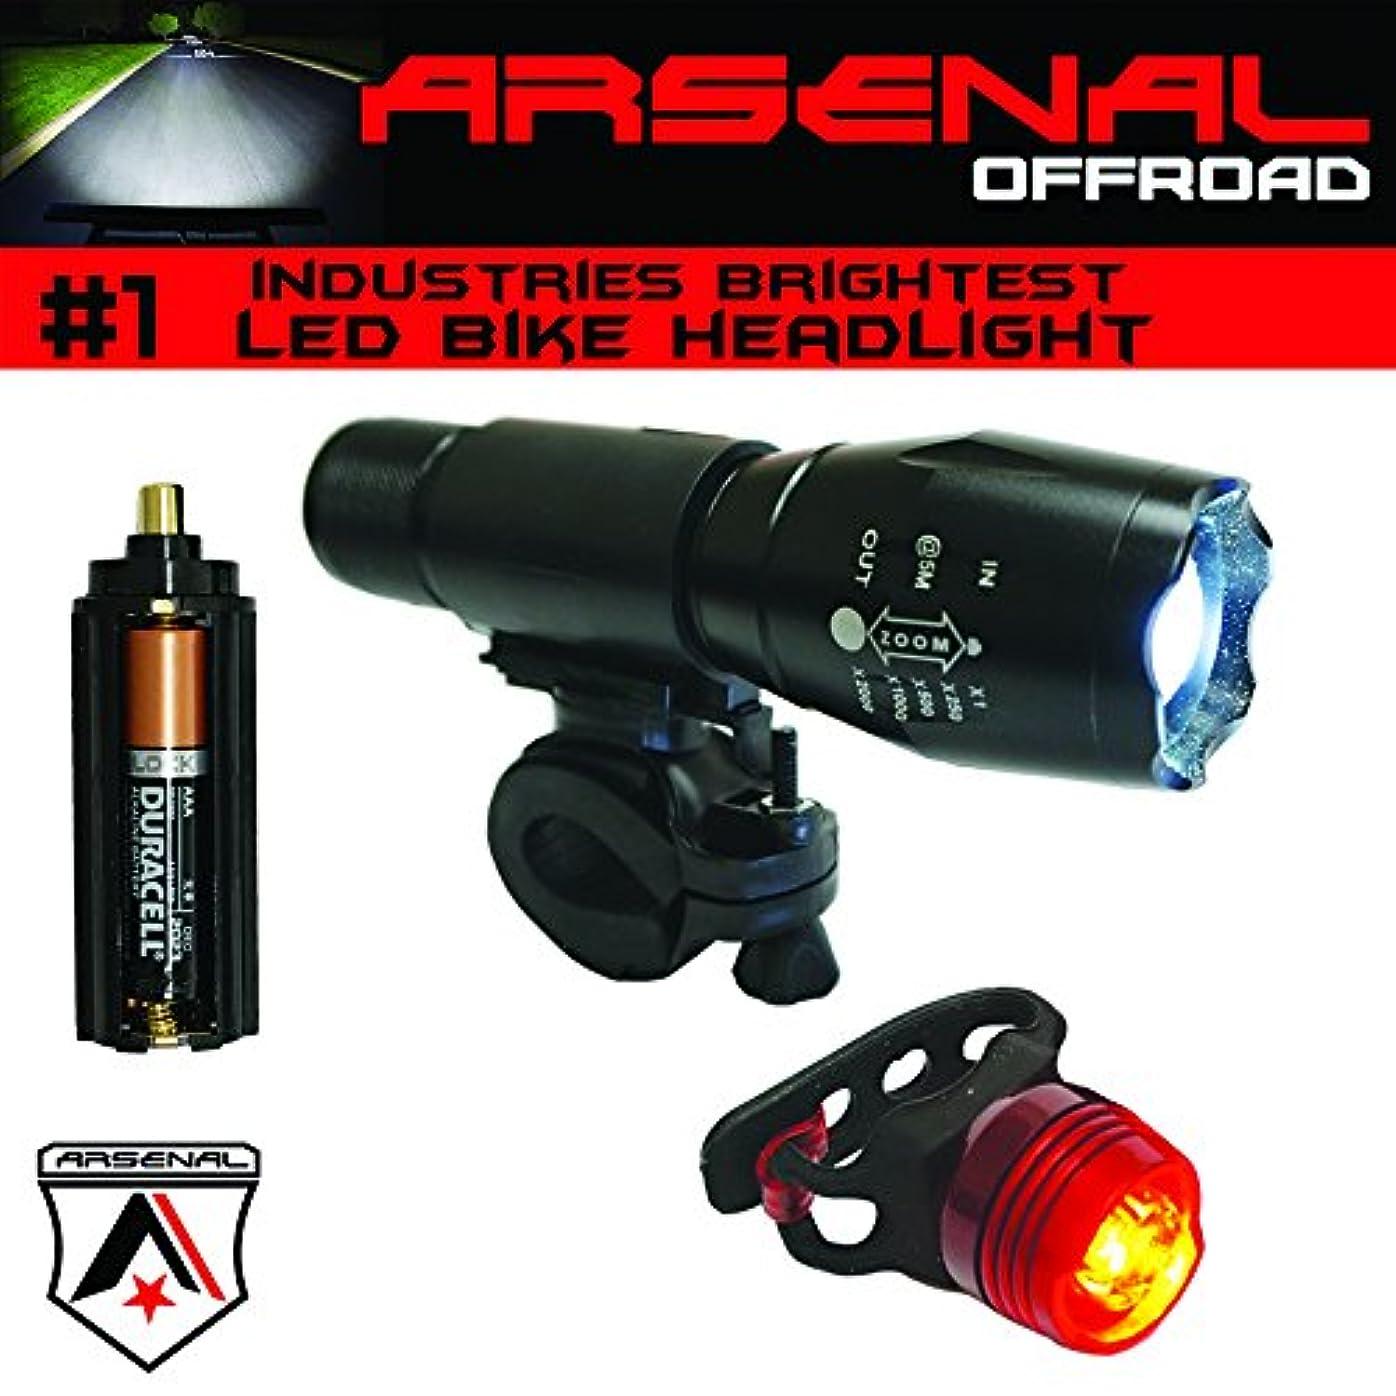 カセット適度にハンドブック#1 CREE XML T6 LED Headlight Kit, Free LED Taillight, for all Bikes, Joggers, Strollers, etc. Water Proof, Easy to Install (No Tools Requiered) LIFETIME GUARANTEE. by Arsenal Offroad Inc.